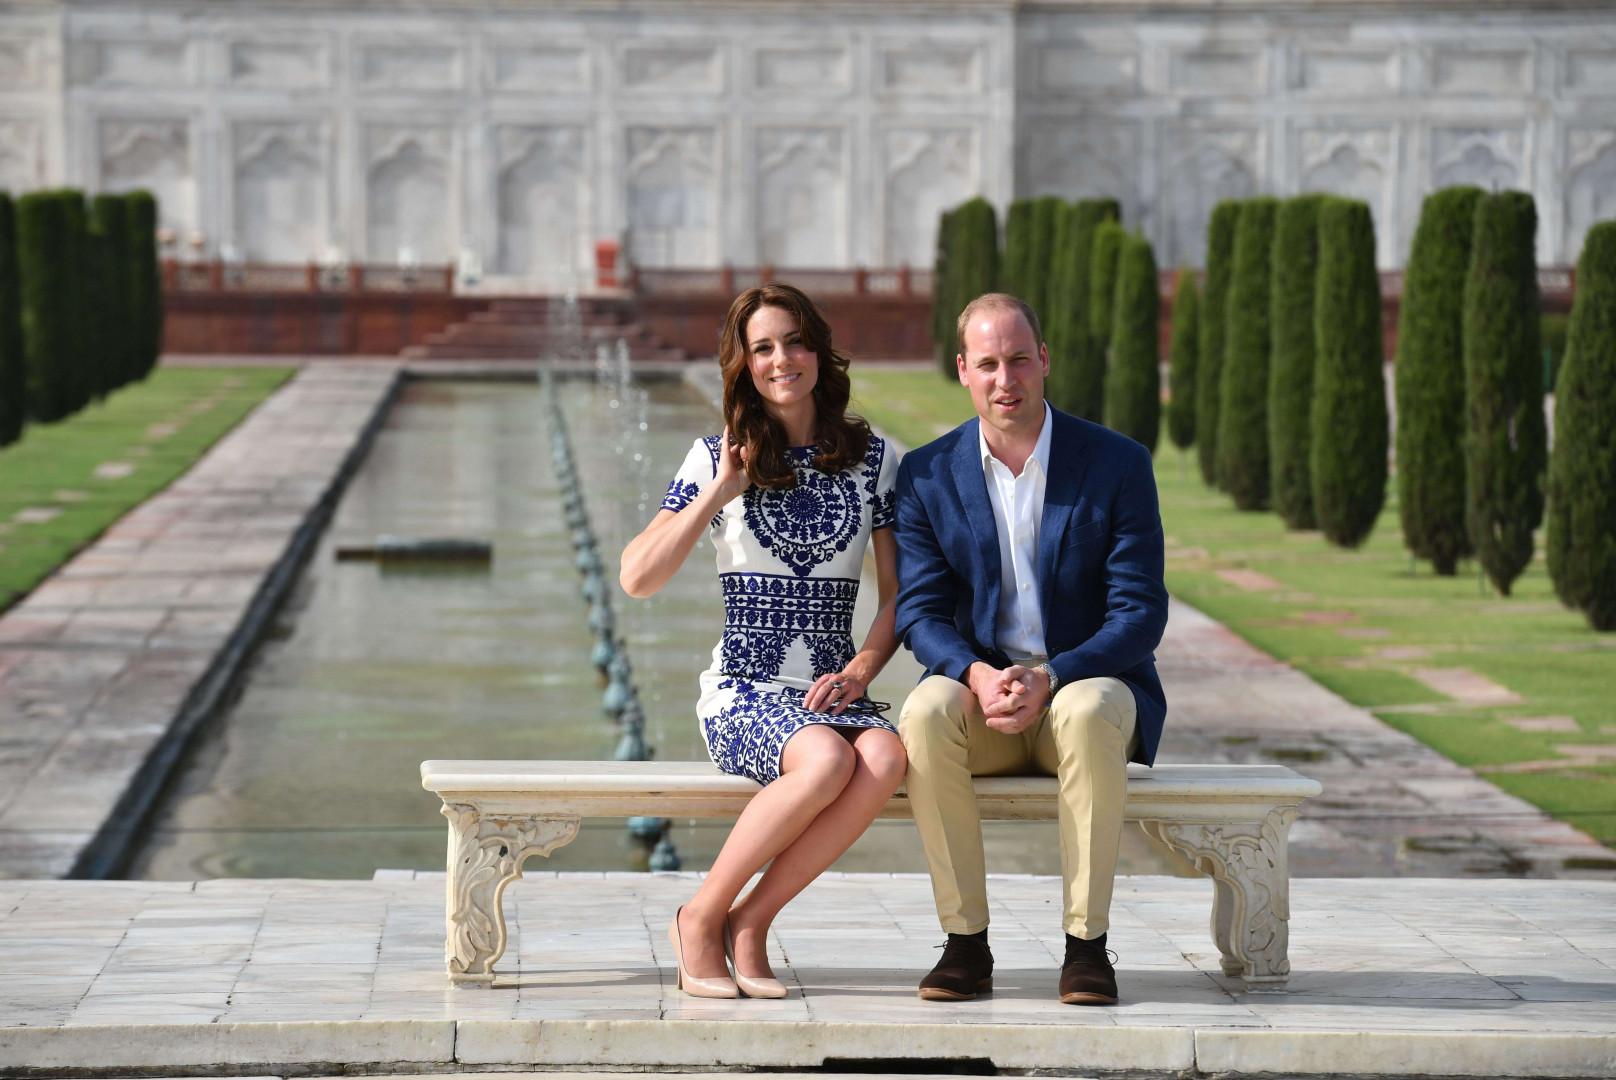 24 ans après, le fils de la princesse et son épouse se sont assis sur le même banc que Lady Di